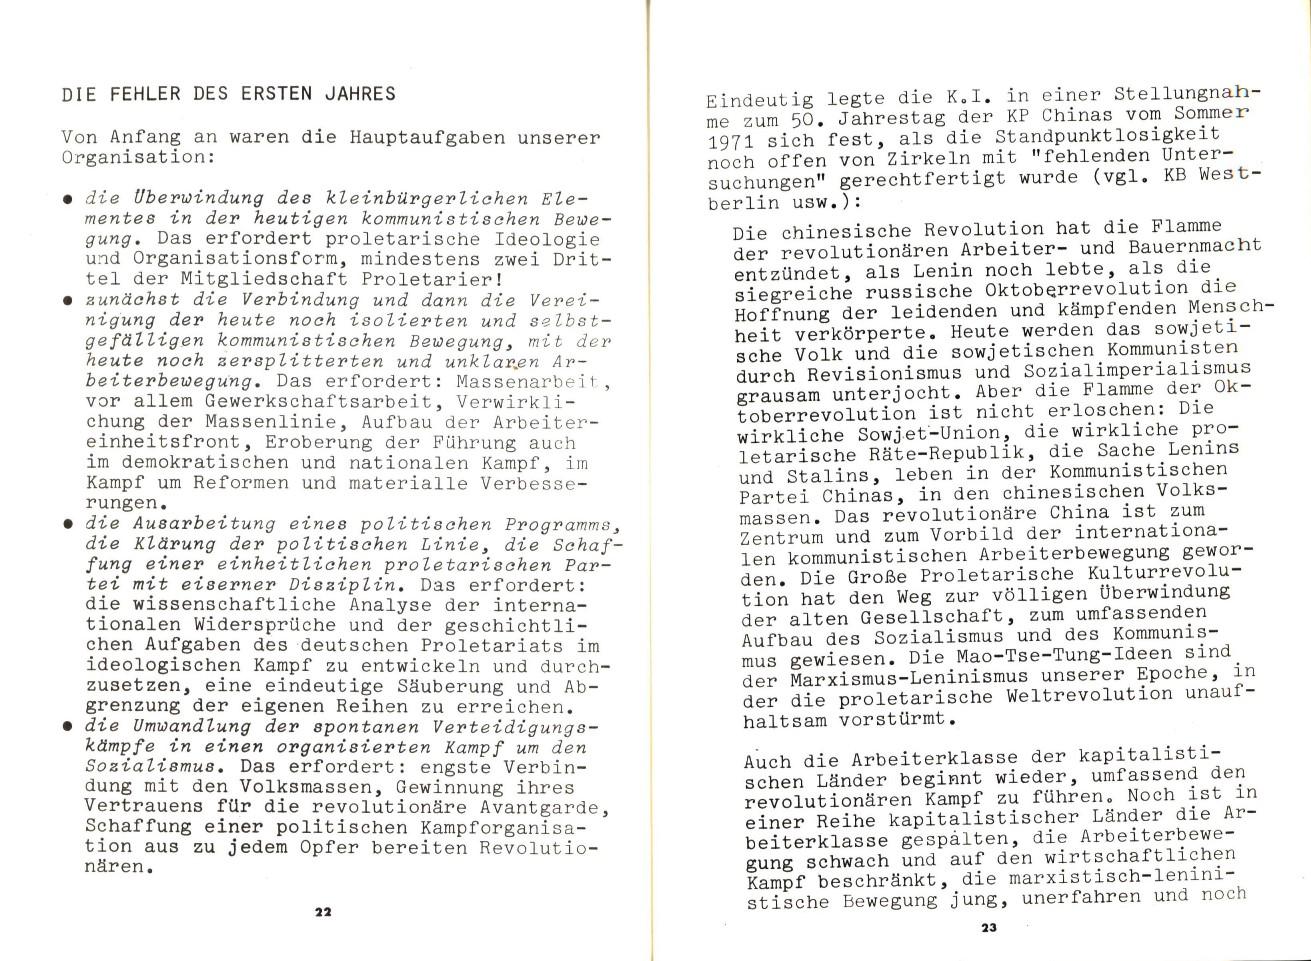 Koeln_KI_1974_Kleinbuergerei_13